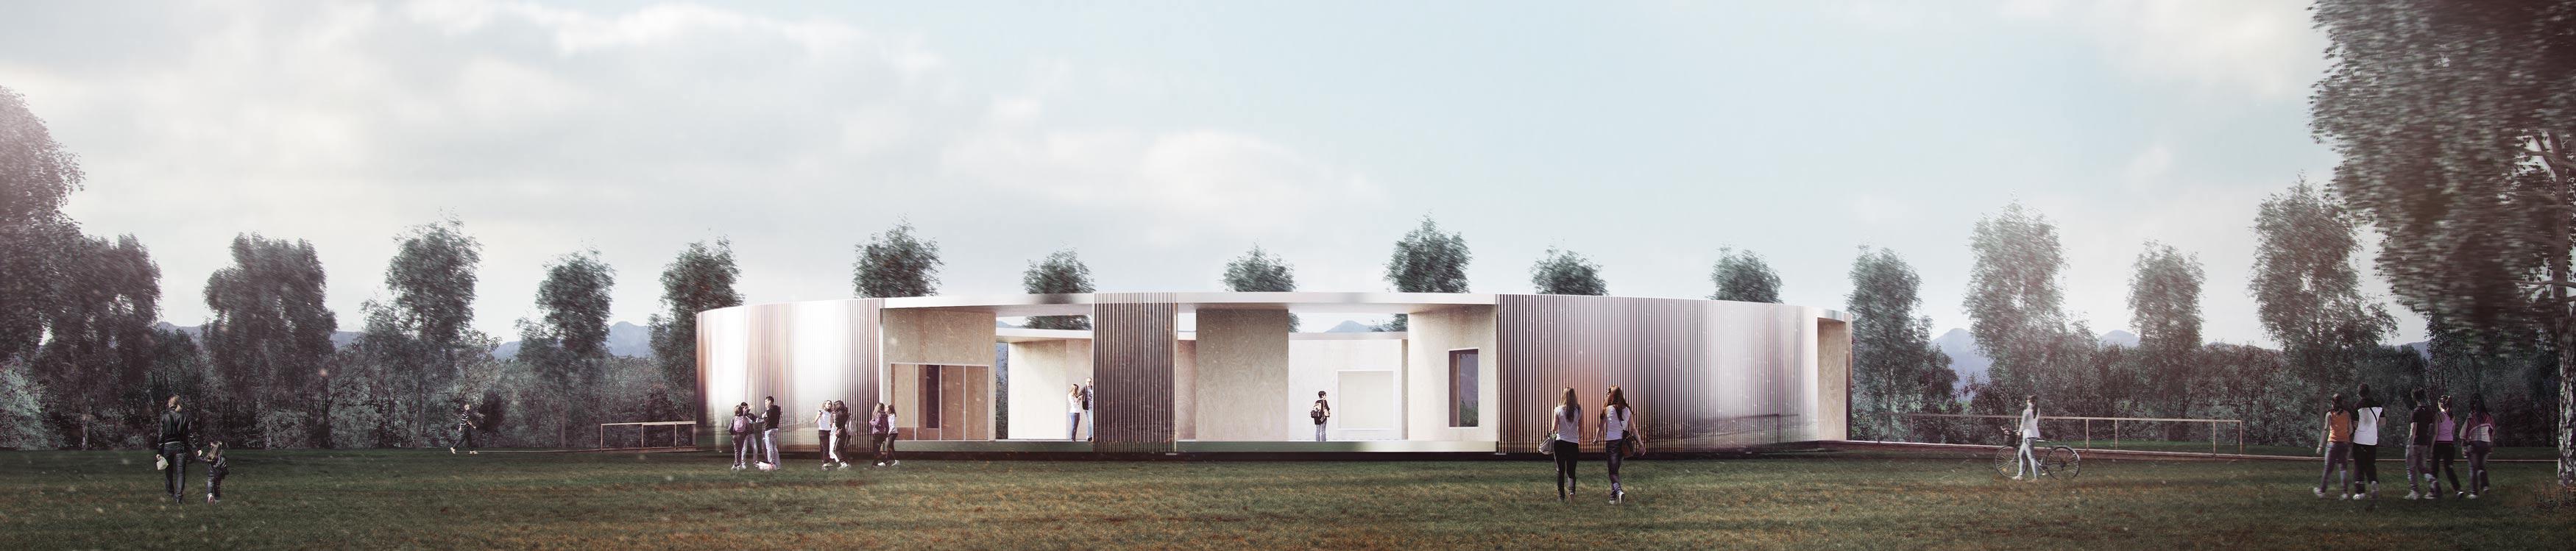 render-concorso-comune-di-bergamo-parco-della-trucca-struttura-polivalente-pavilion-park